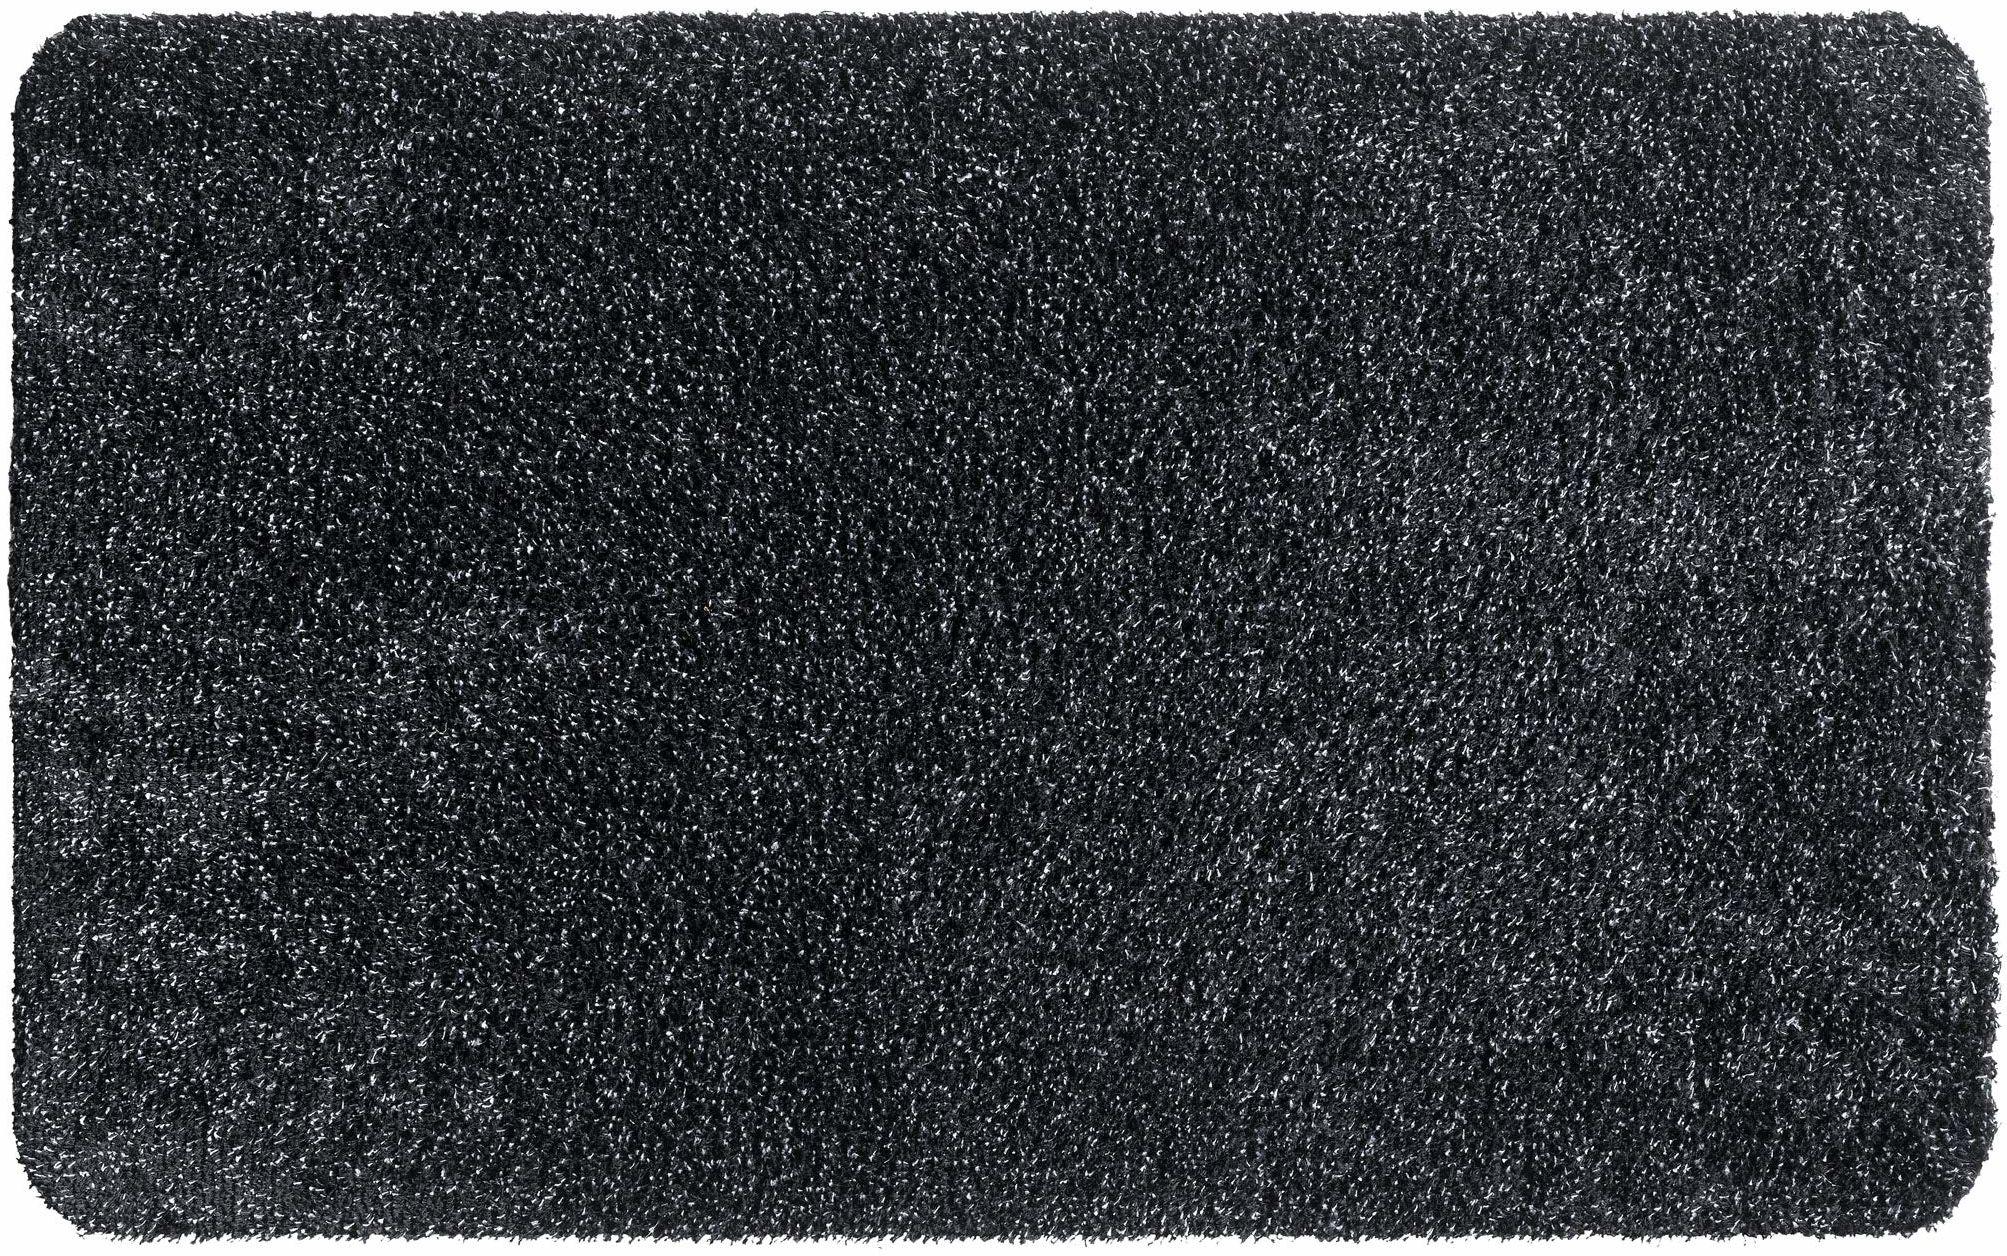 Aquastop mata wejściowa do użytku wewnątrz bawełna i poliester 40 x 60 cm grafitowa